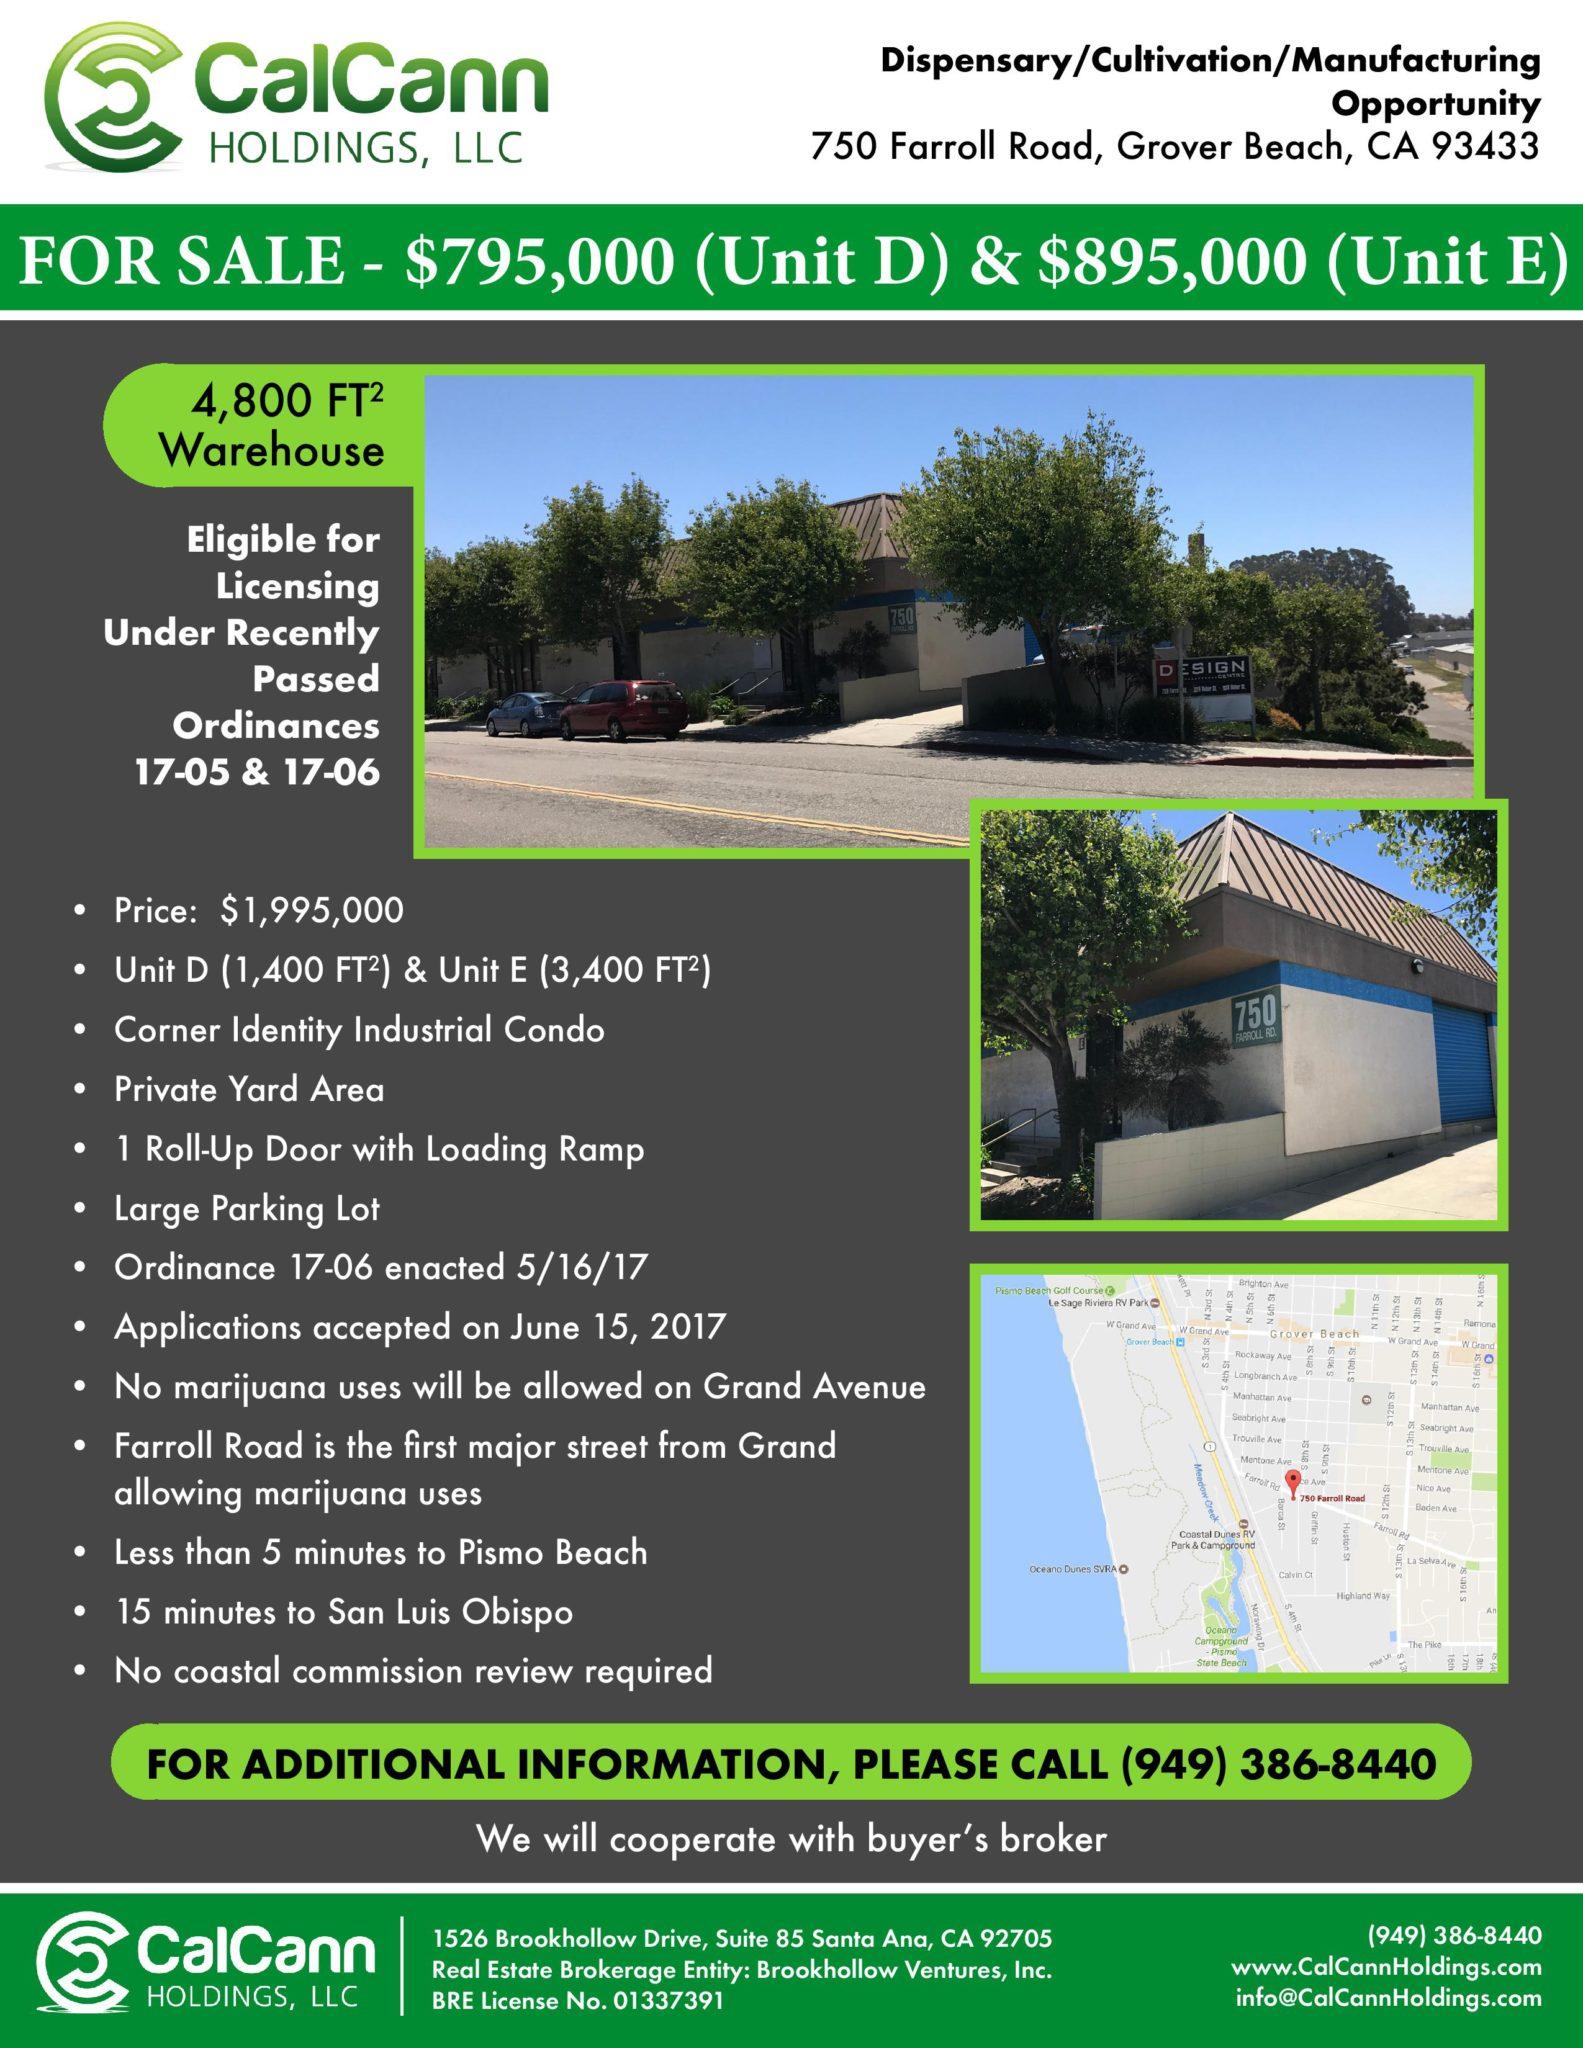 750 Farroll Road <br />Grover, CA